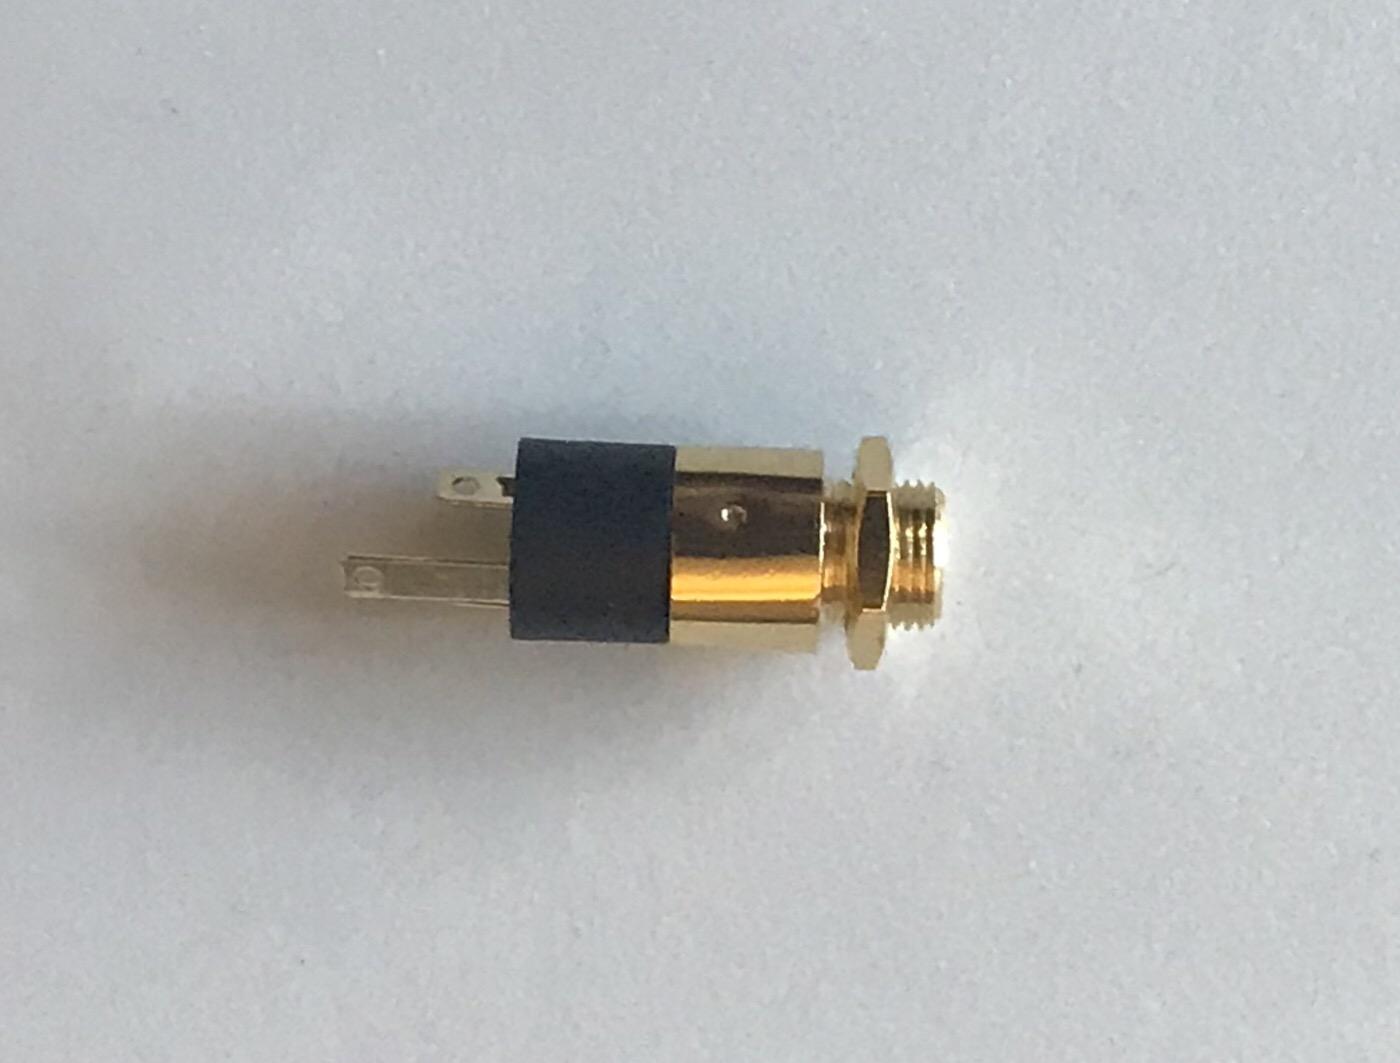 sensors_F711EAC9-3A69-4BCA-AE3C-71F508A2021B.jpeg